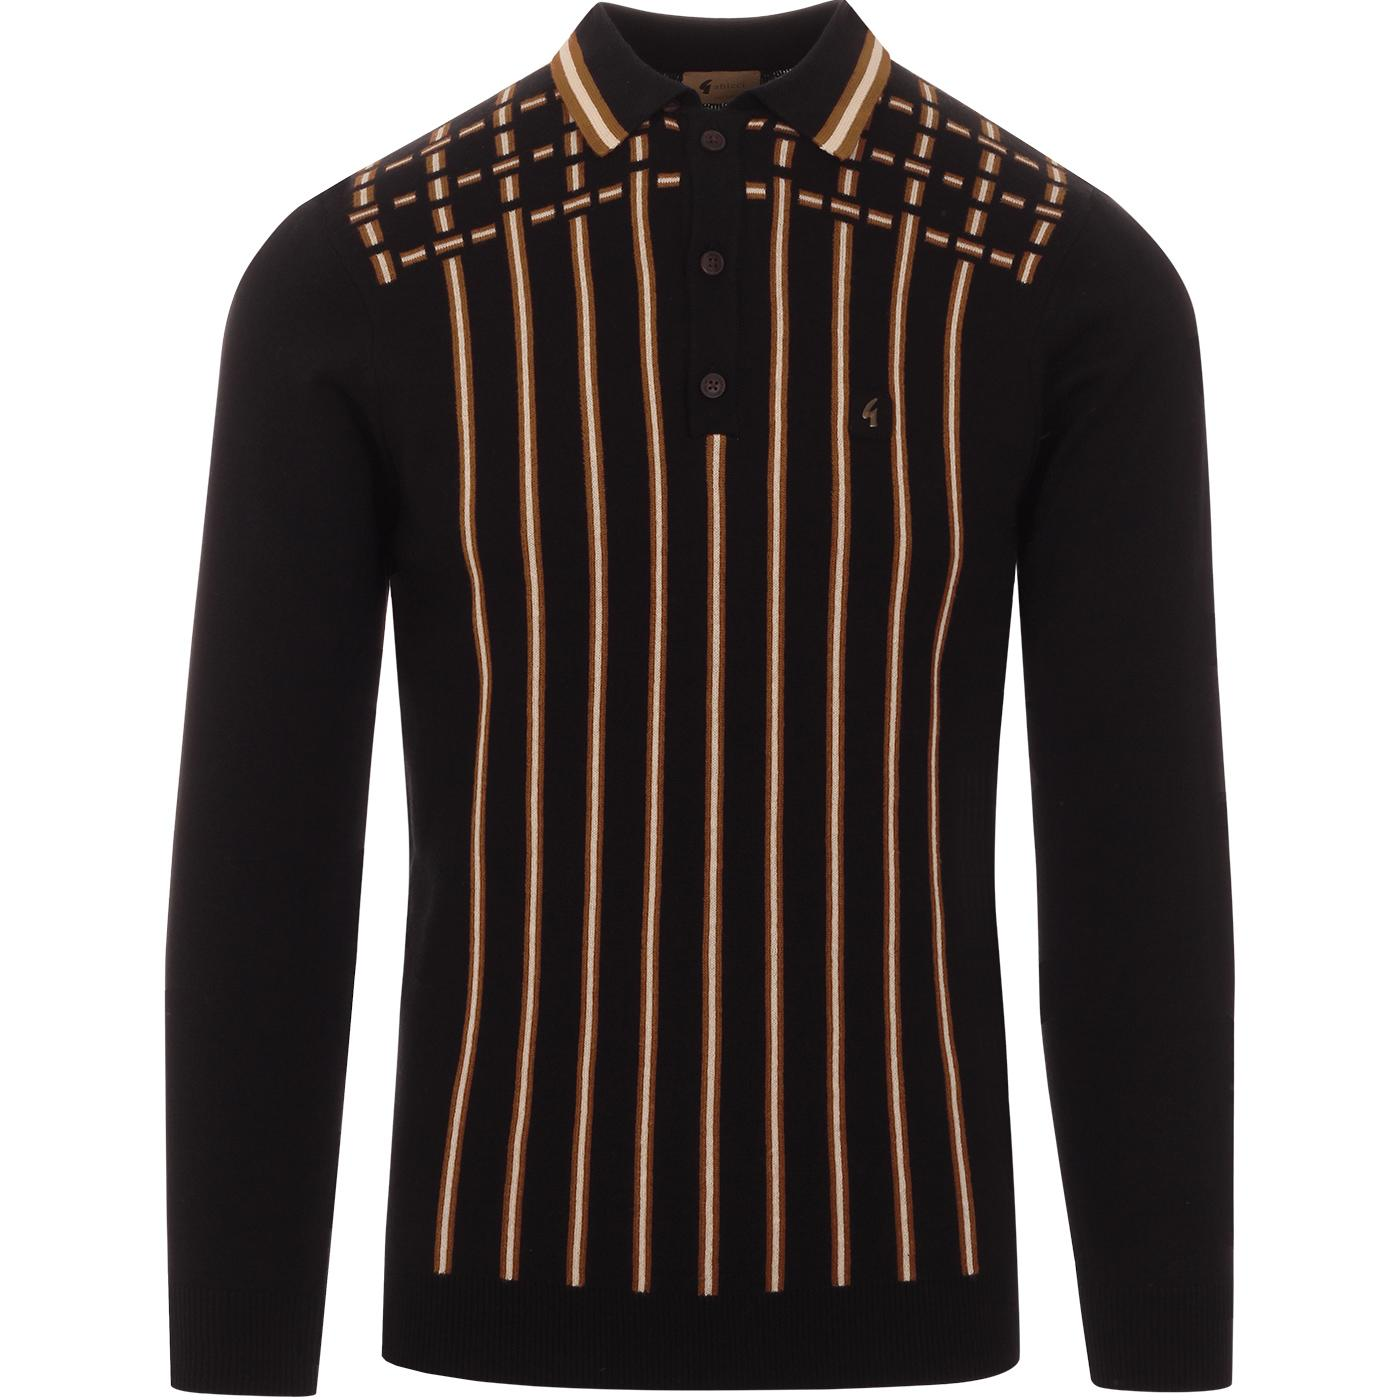 Biome GABICCI VINTAGE Mod Dash Stripe Knit Polo B